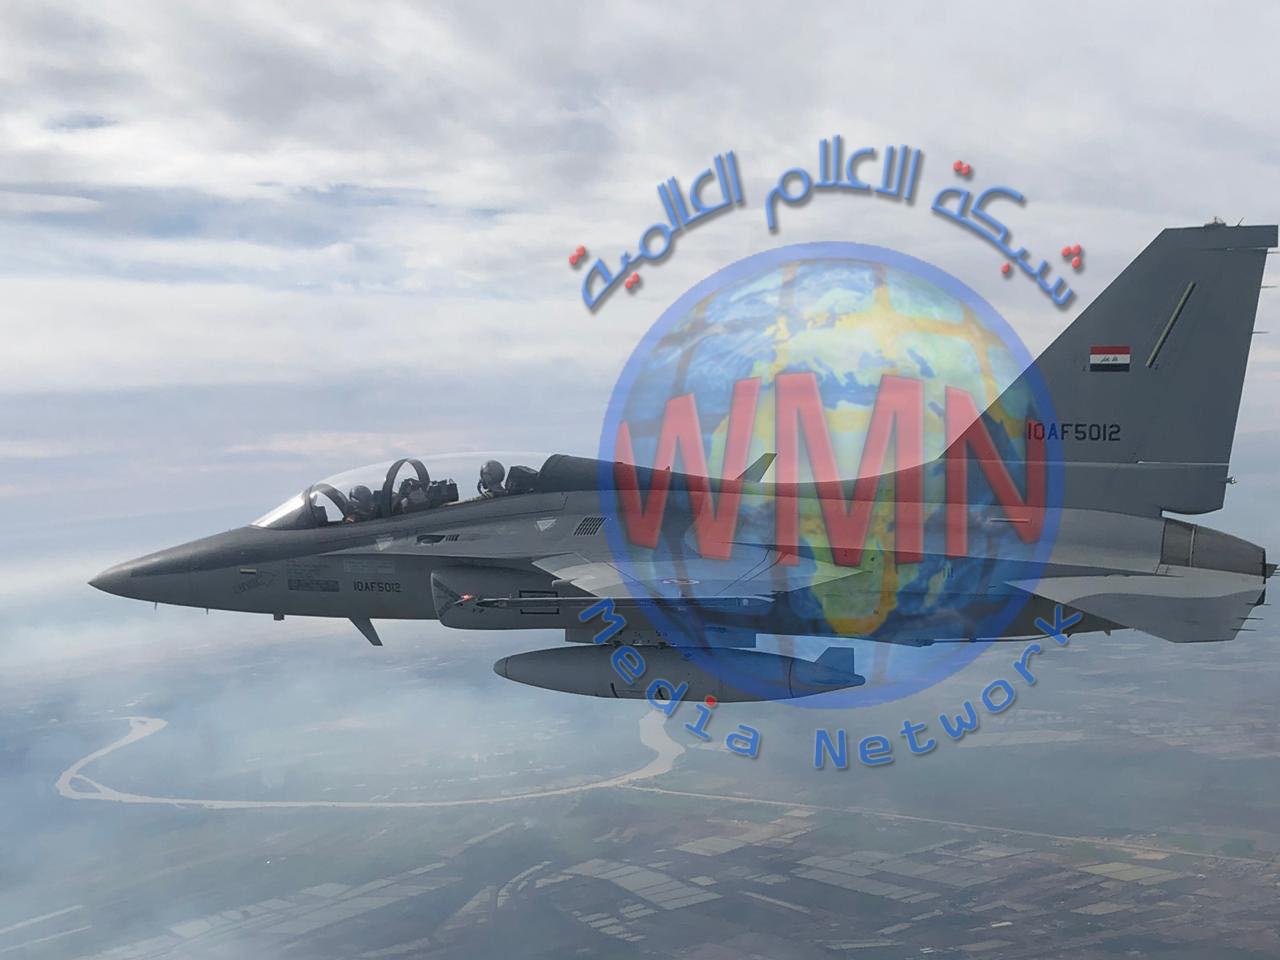 كوريا الجنوبية ترسل دفعة جديدة من المقاتلات العراقية